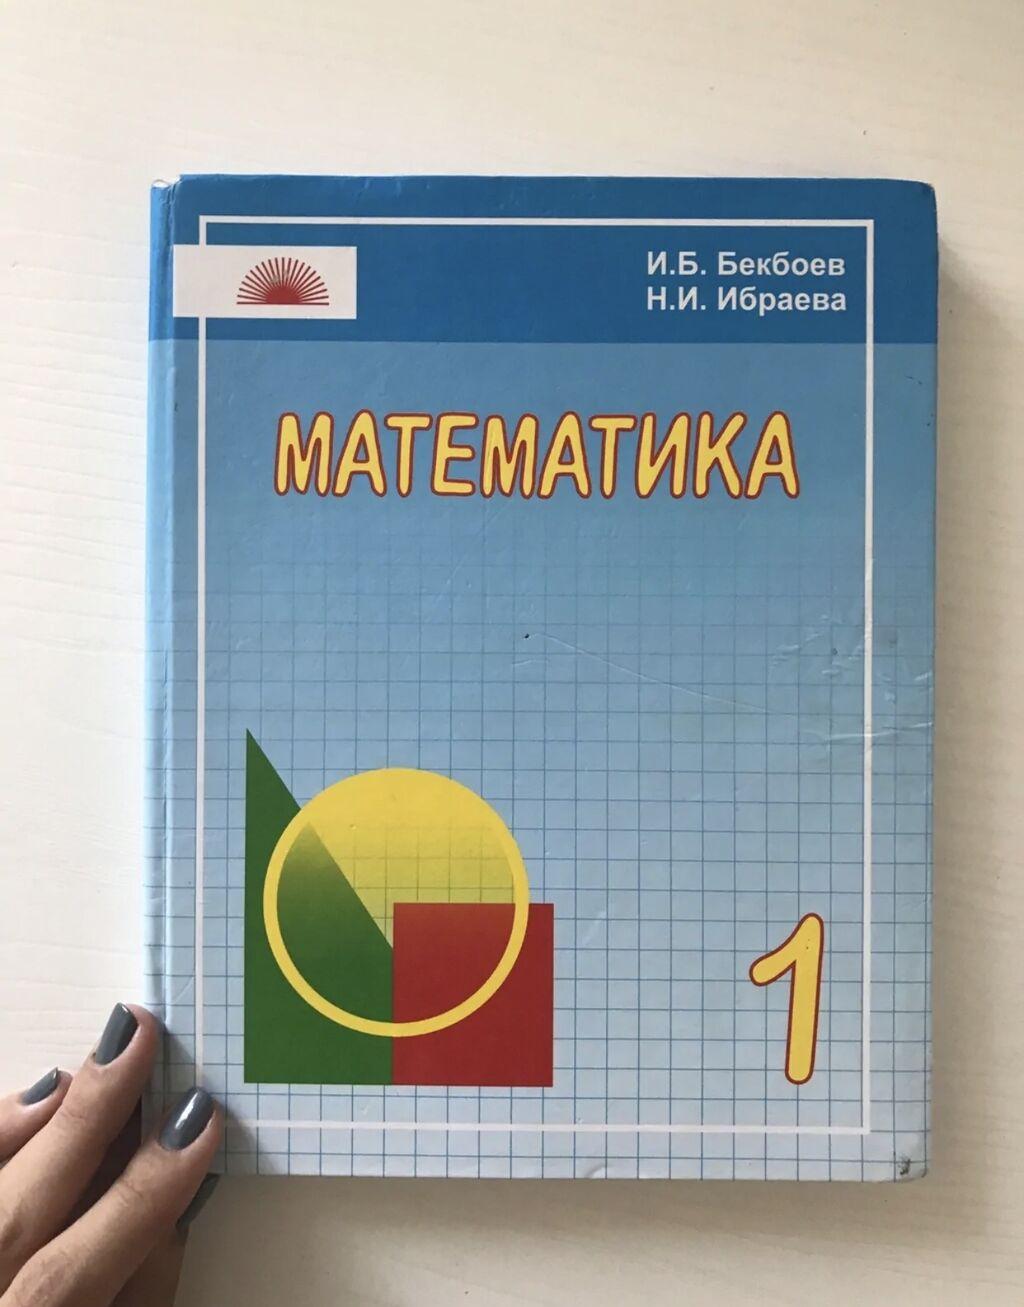 Математика 1класс КНИГА и.б. бекбоев и.н. ибраева: Математика 1класс КНИГА и.б. бекбоев и.н. ибраева